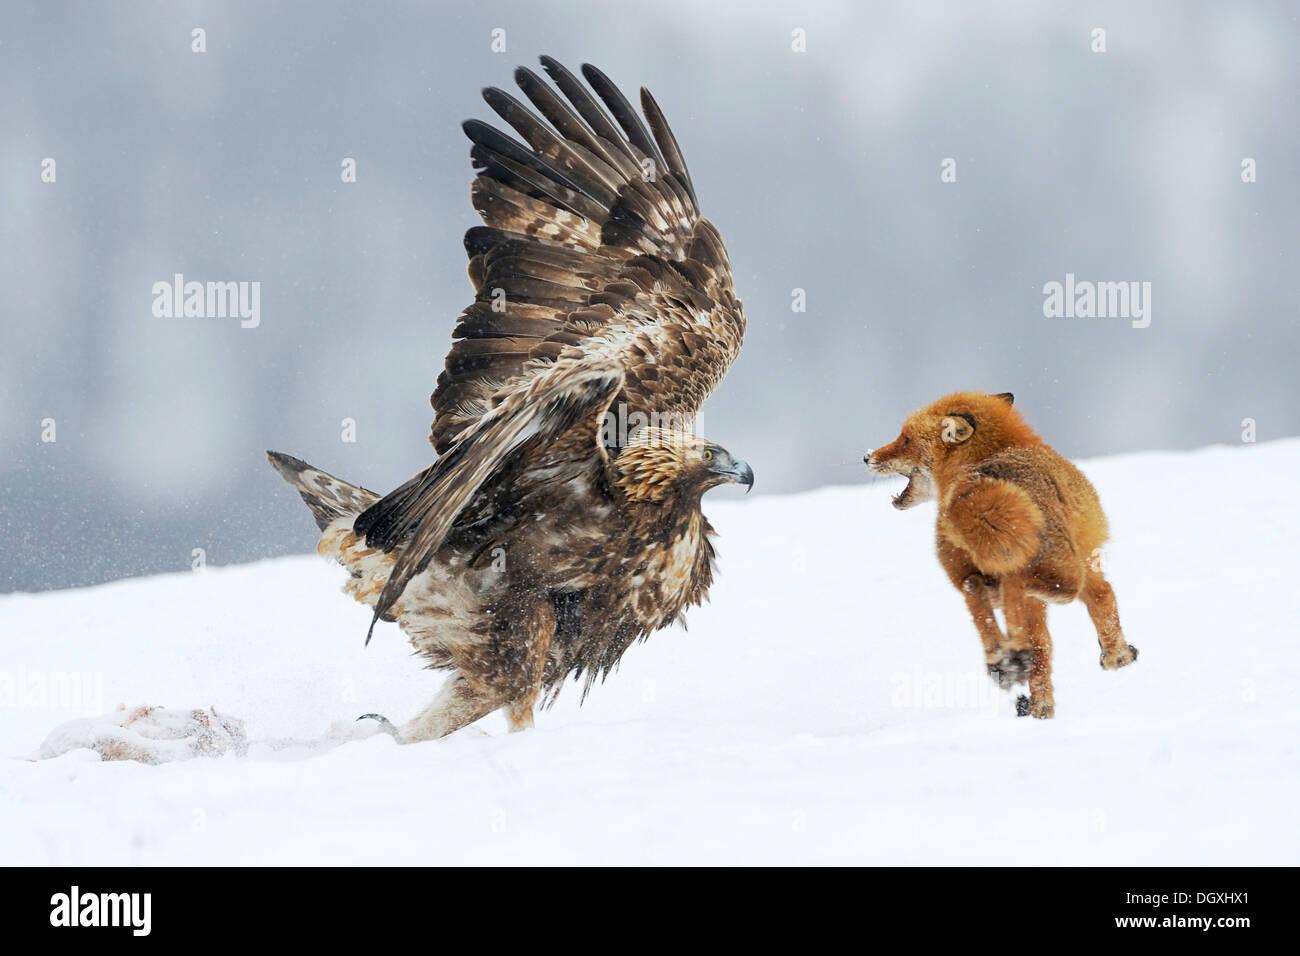 L'Aigle royal (Aquila chrysaetos) se battre avec un renard roux (Vulpes vulpes) sur une carcasse, les Siniens Kamani Nature Park, Bulgarie Banque D'Images